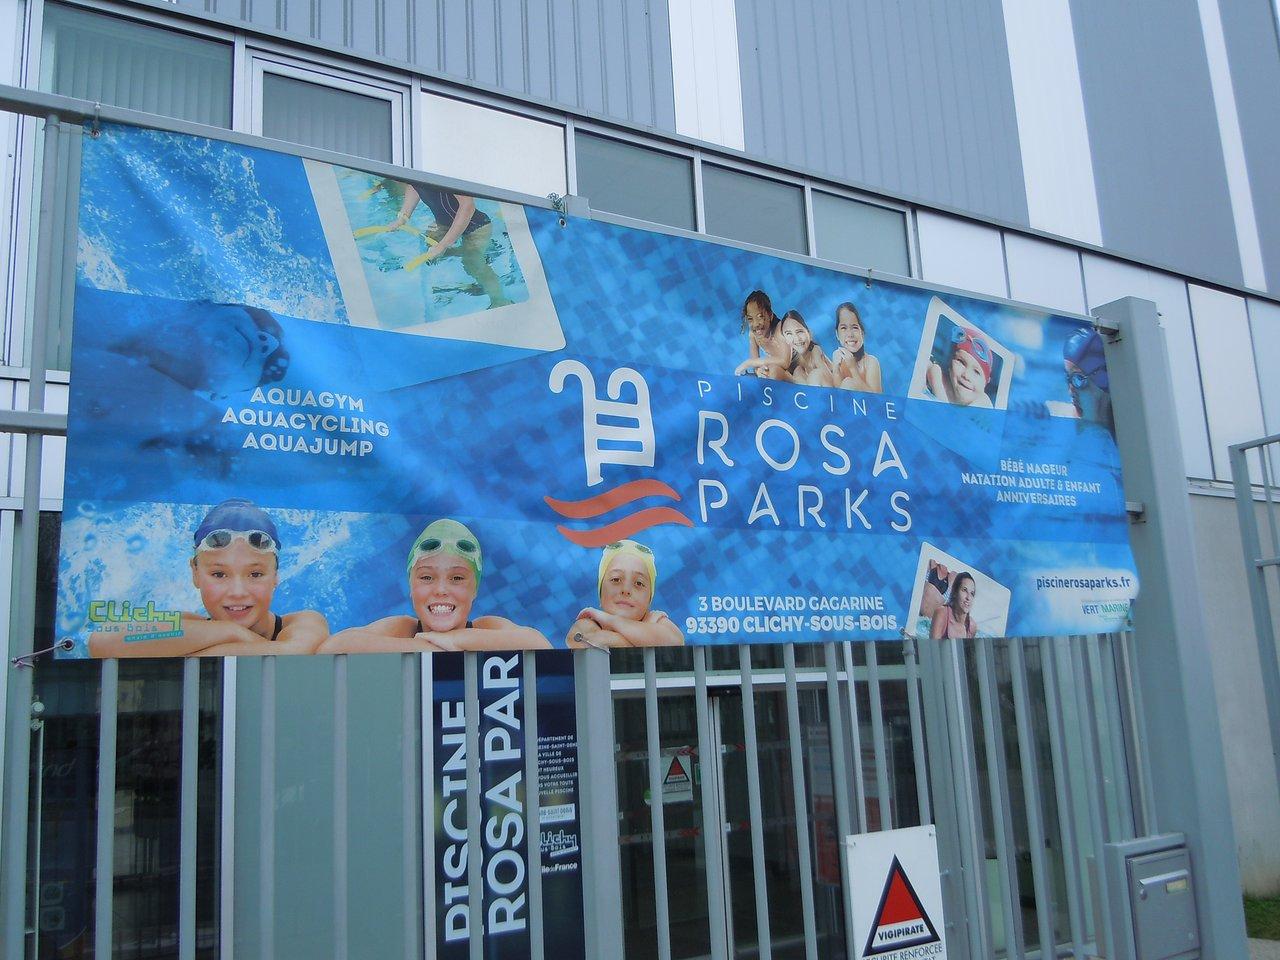 Piscine Rosa Parks - Clichy-Sous-Bois - Piscine Rosa Parks ... à Piscine Clichy